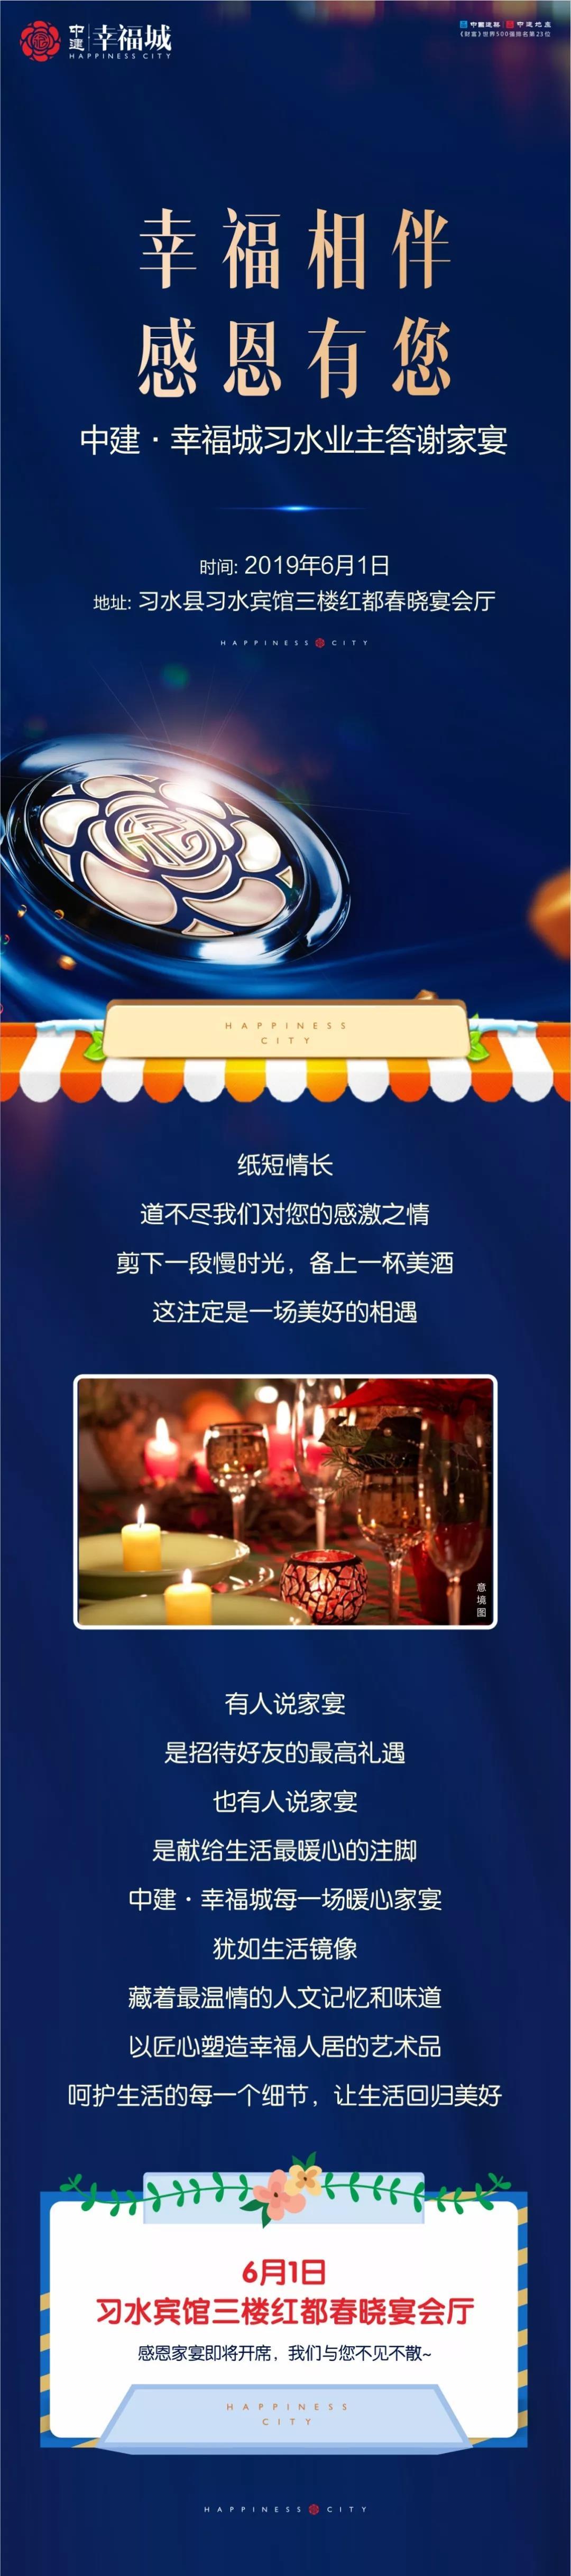 6月1日中建·幸福城习水业主答谢家宴 恭迎您光临-中国网地产